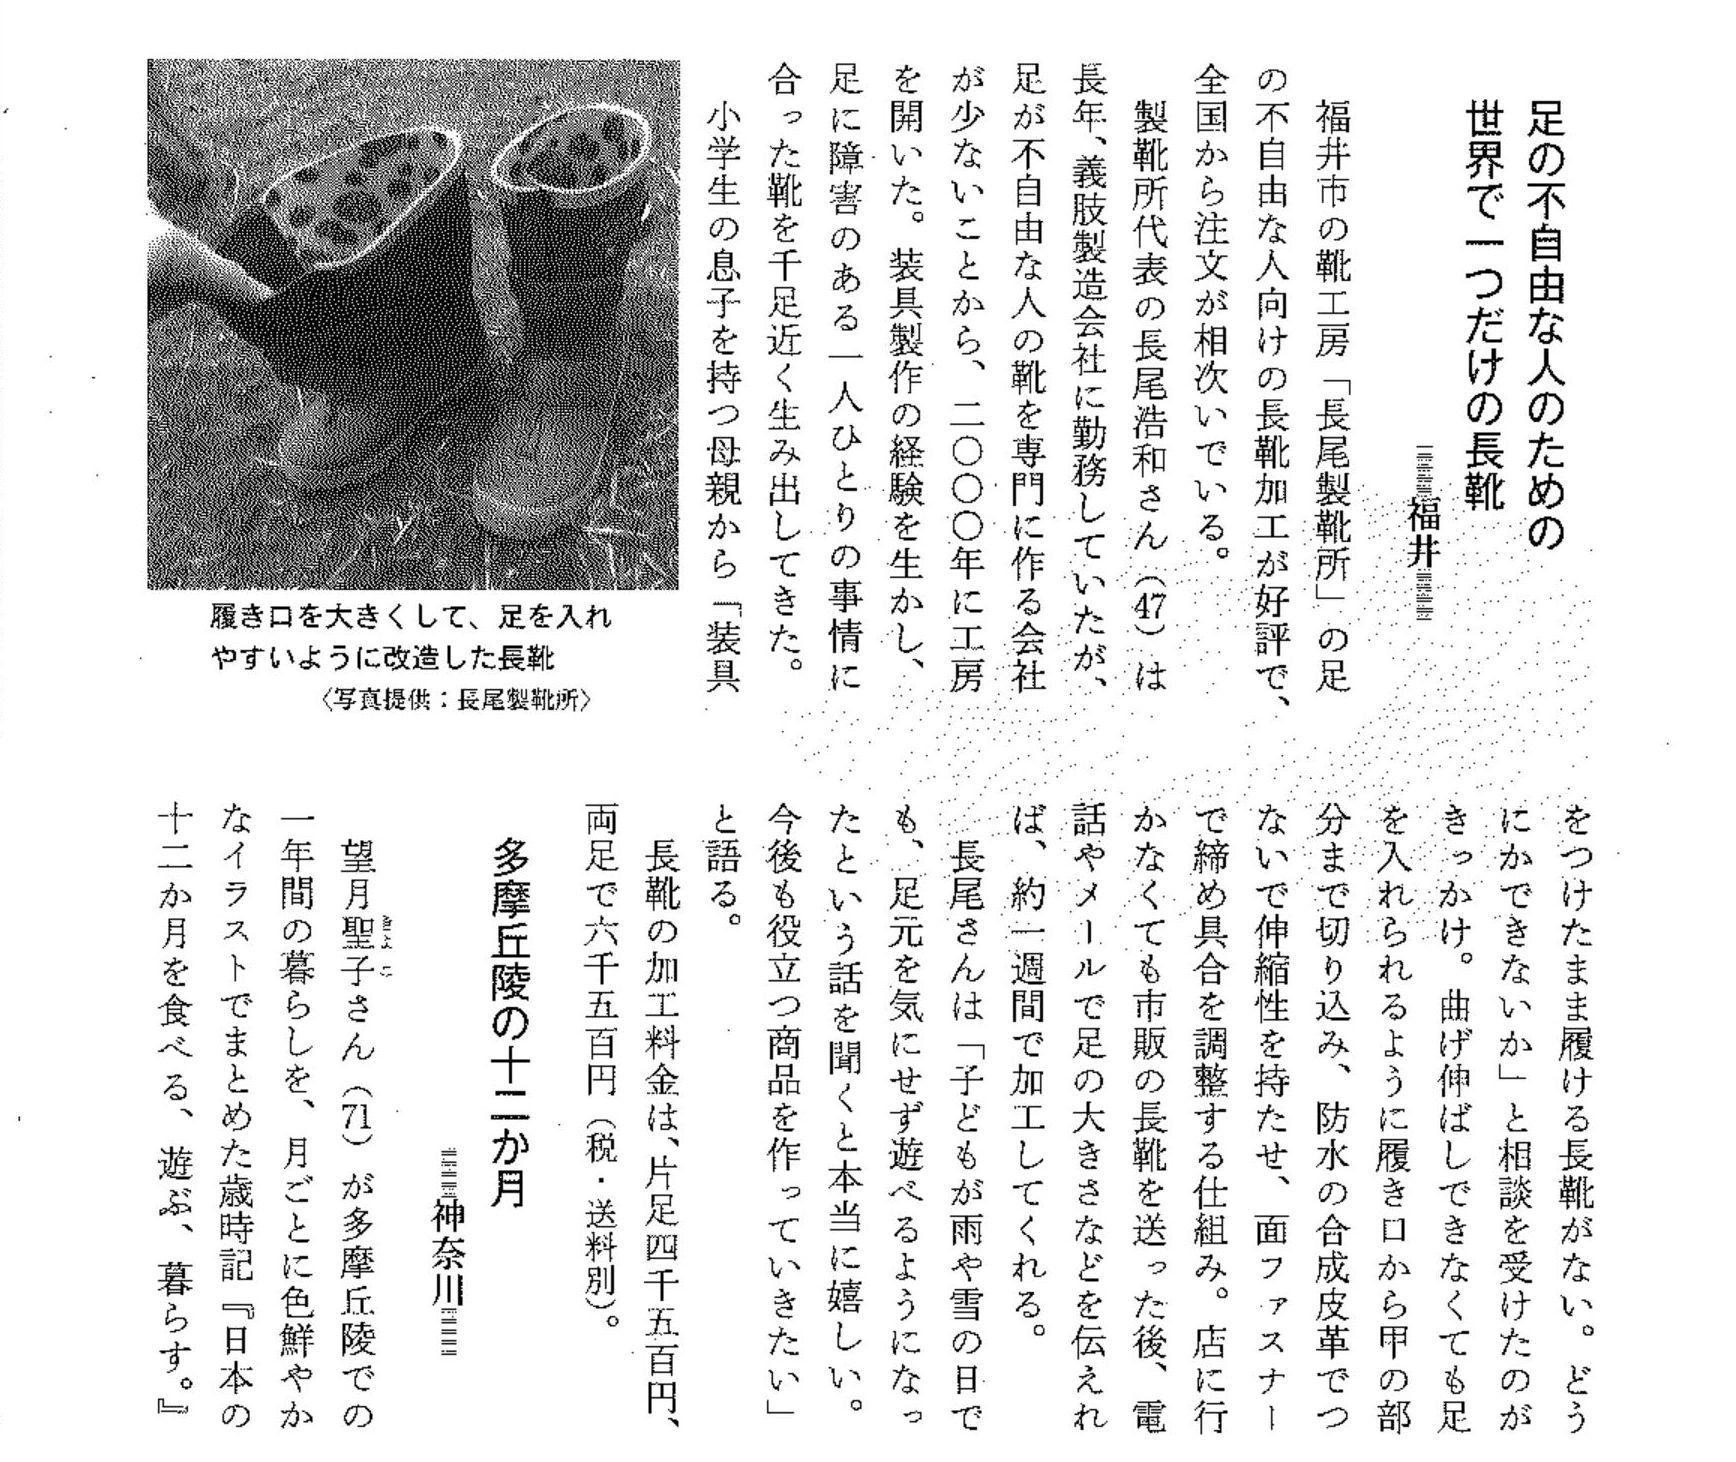 全国信用金庫協会発行「楽しいわが家」H27.6発行(記事)